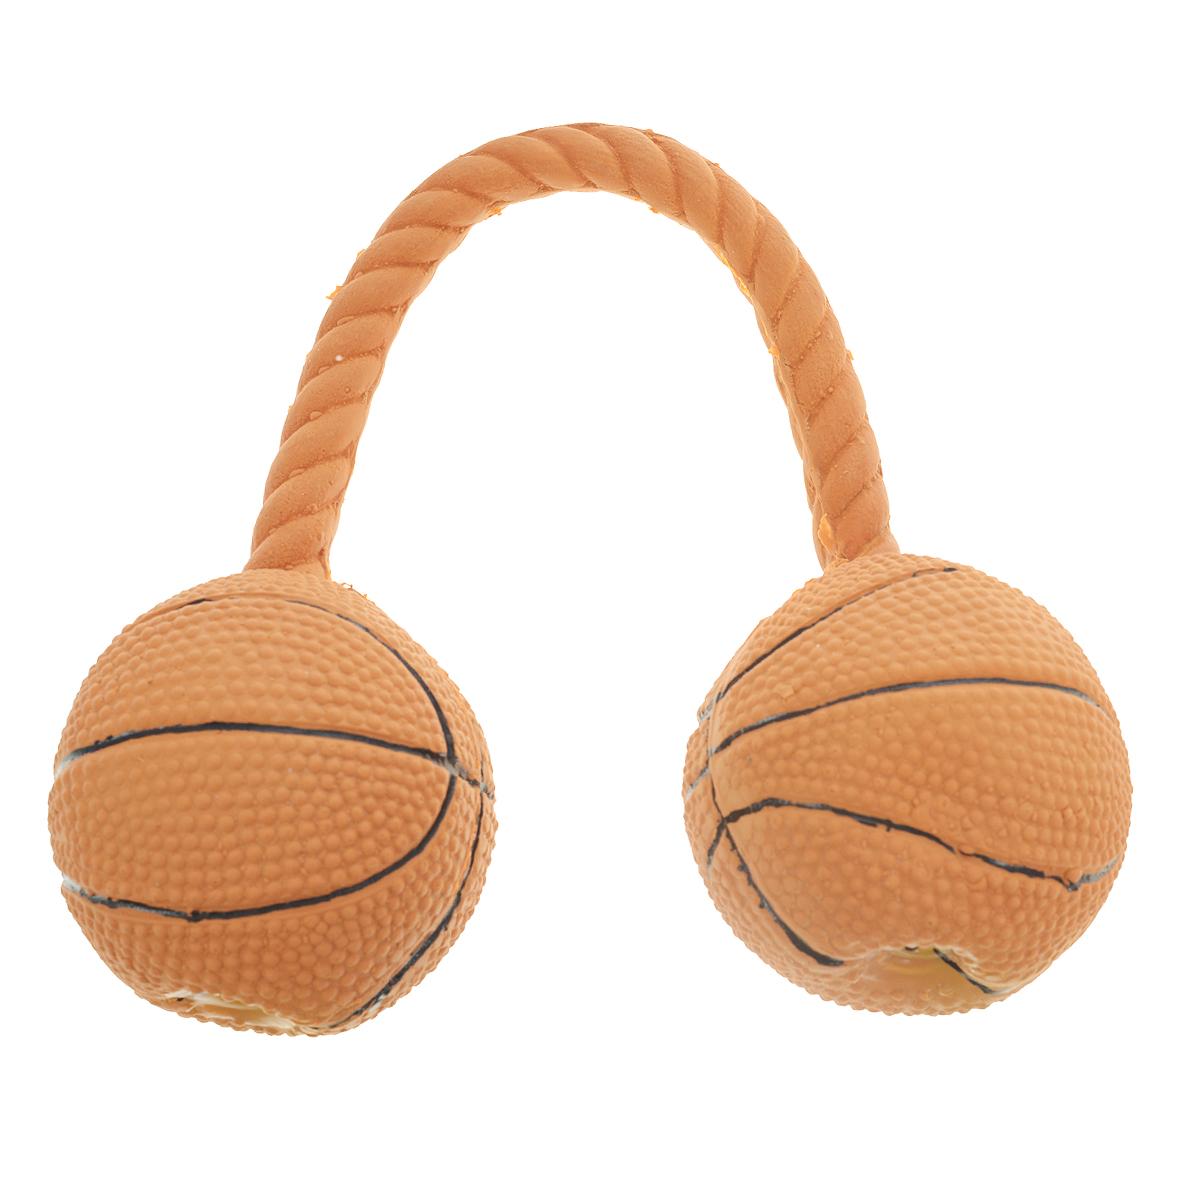 Игрушка для собак V.I.Pet Гантель баскетбольная, цвет: коричневыйL-118Игрушка V.I.Pet Баскетбольная гантель изготовлена из латекса с использованием только безопасных, не токсичных красителей. Великолепно подходит для игры и массажа десен вашей собаки.Гантель при надавливании или захвате пастью пищит. Такая игрушка порадует вашего любимца, а вам доставит массу приятных эмоций, ведь наблюдать за игрой всегда интересно и приятно. Оставшись в одиночестве, ваша собака будет увлеченно играть в эту игрушку.Диаметр мяча: 6,5 см.